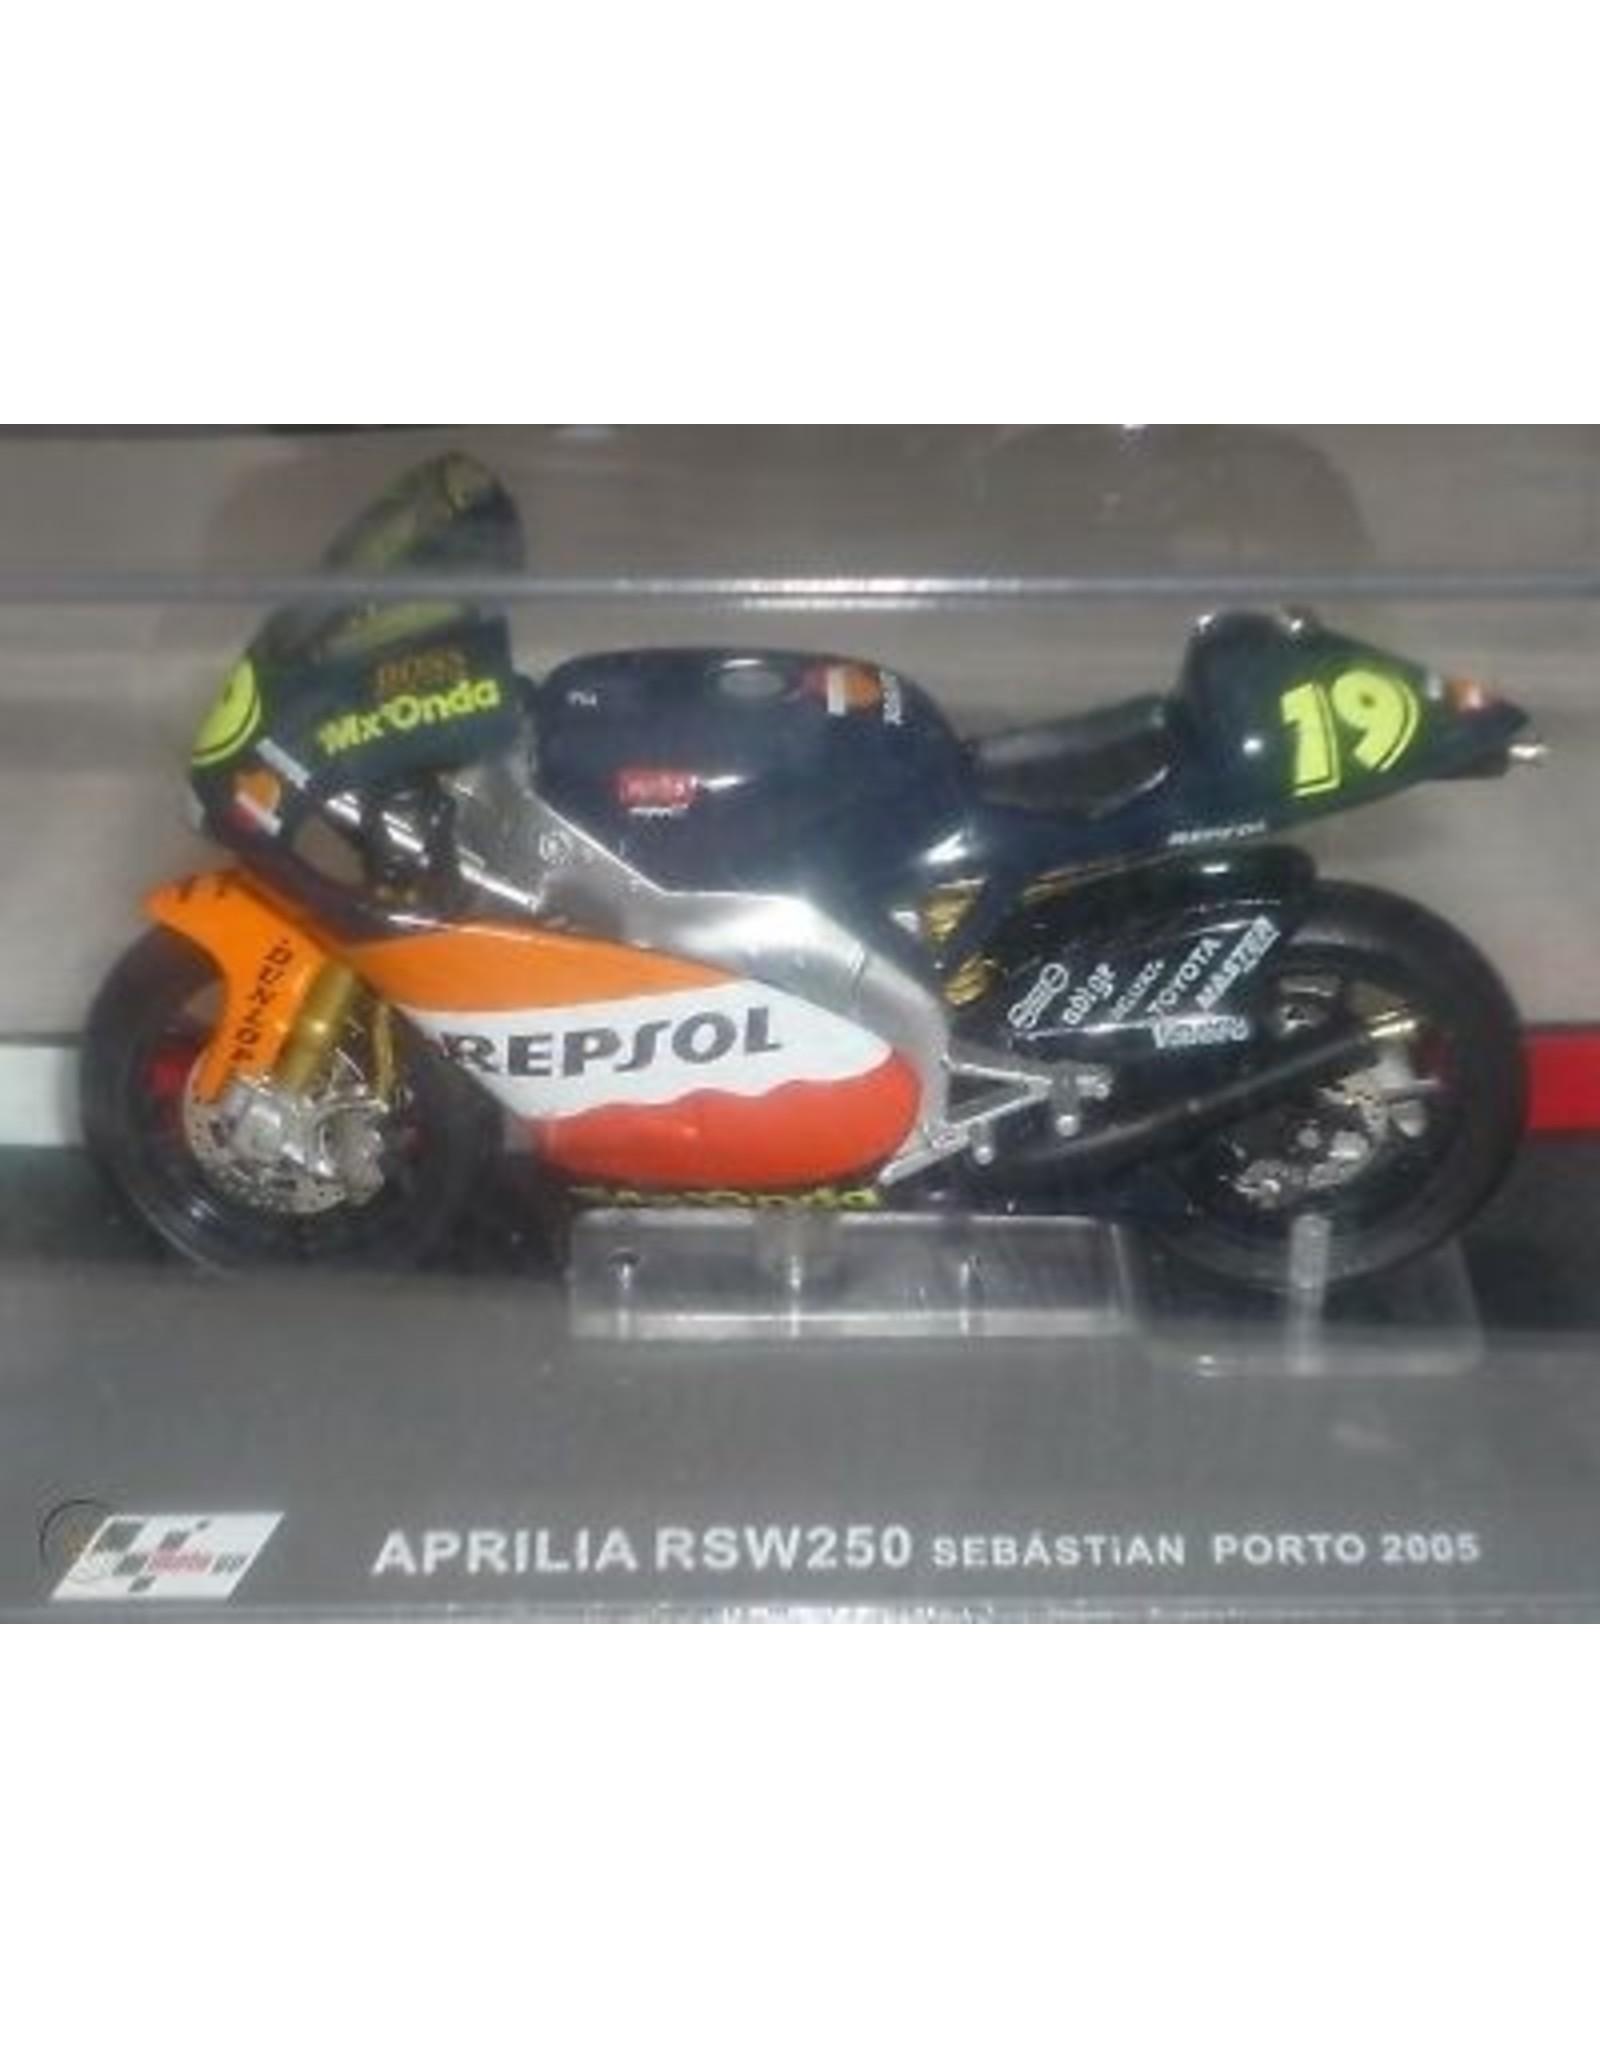 Aprilia Aprilia RSW250 #19(Sebastian Porto)2004